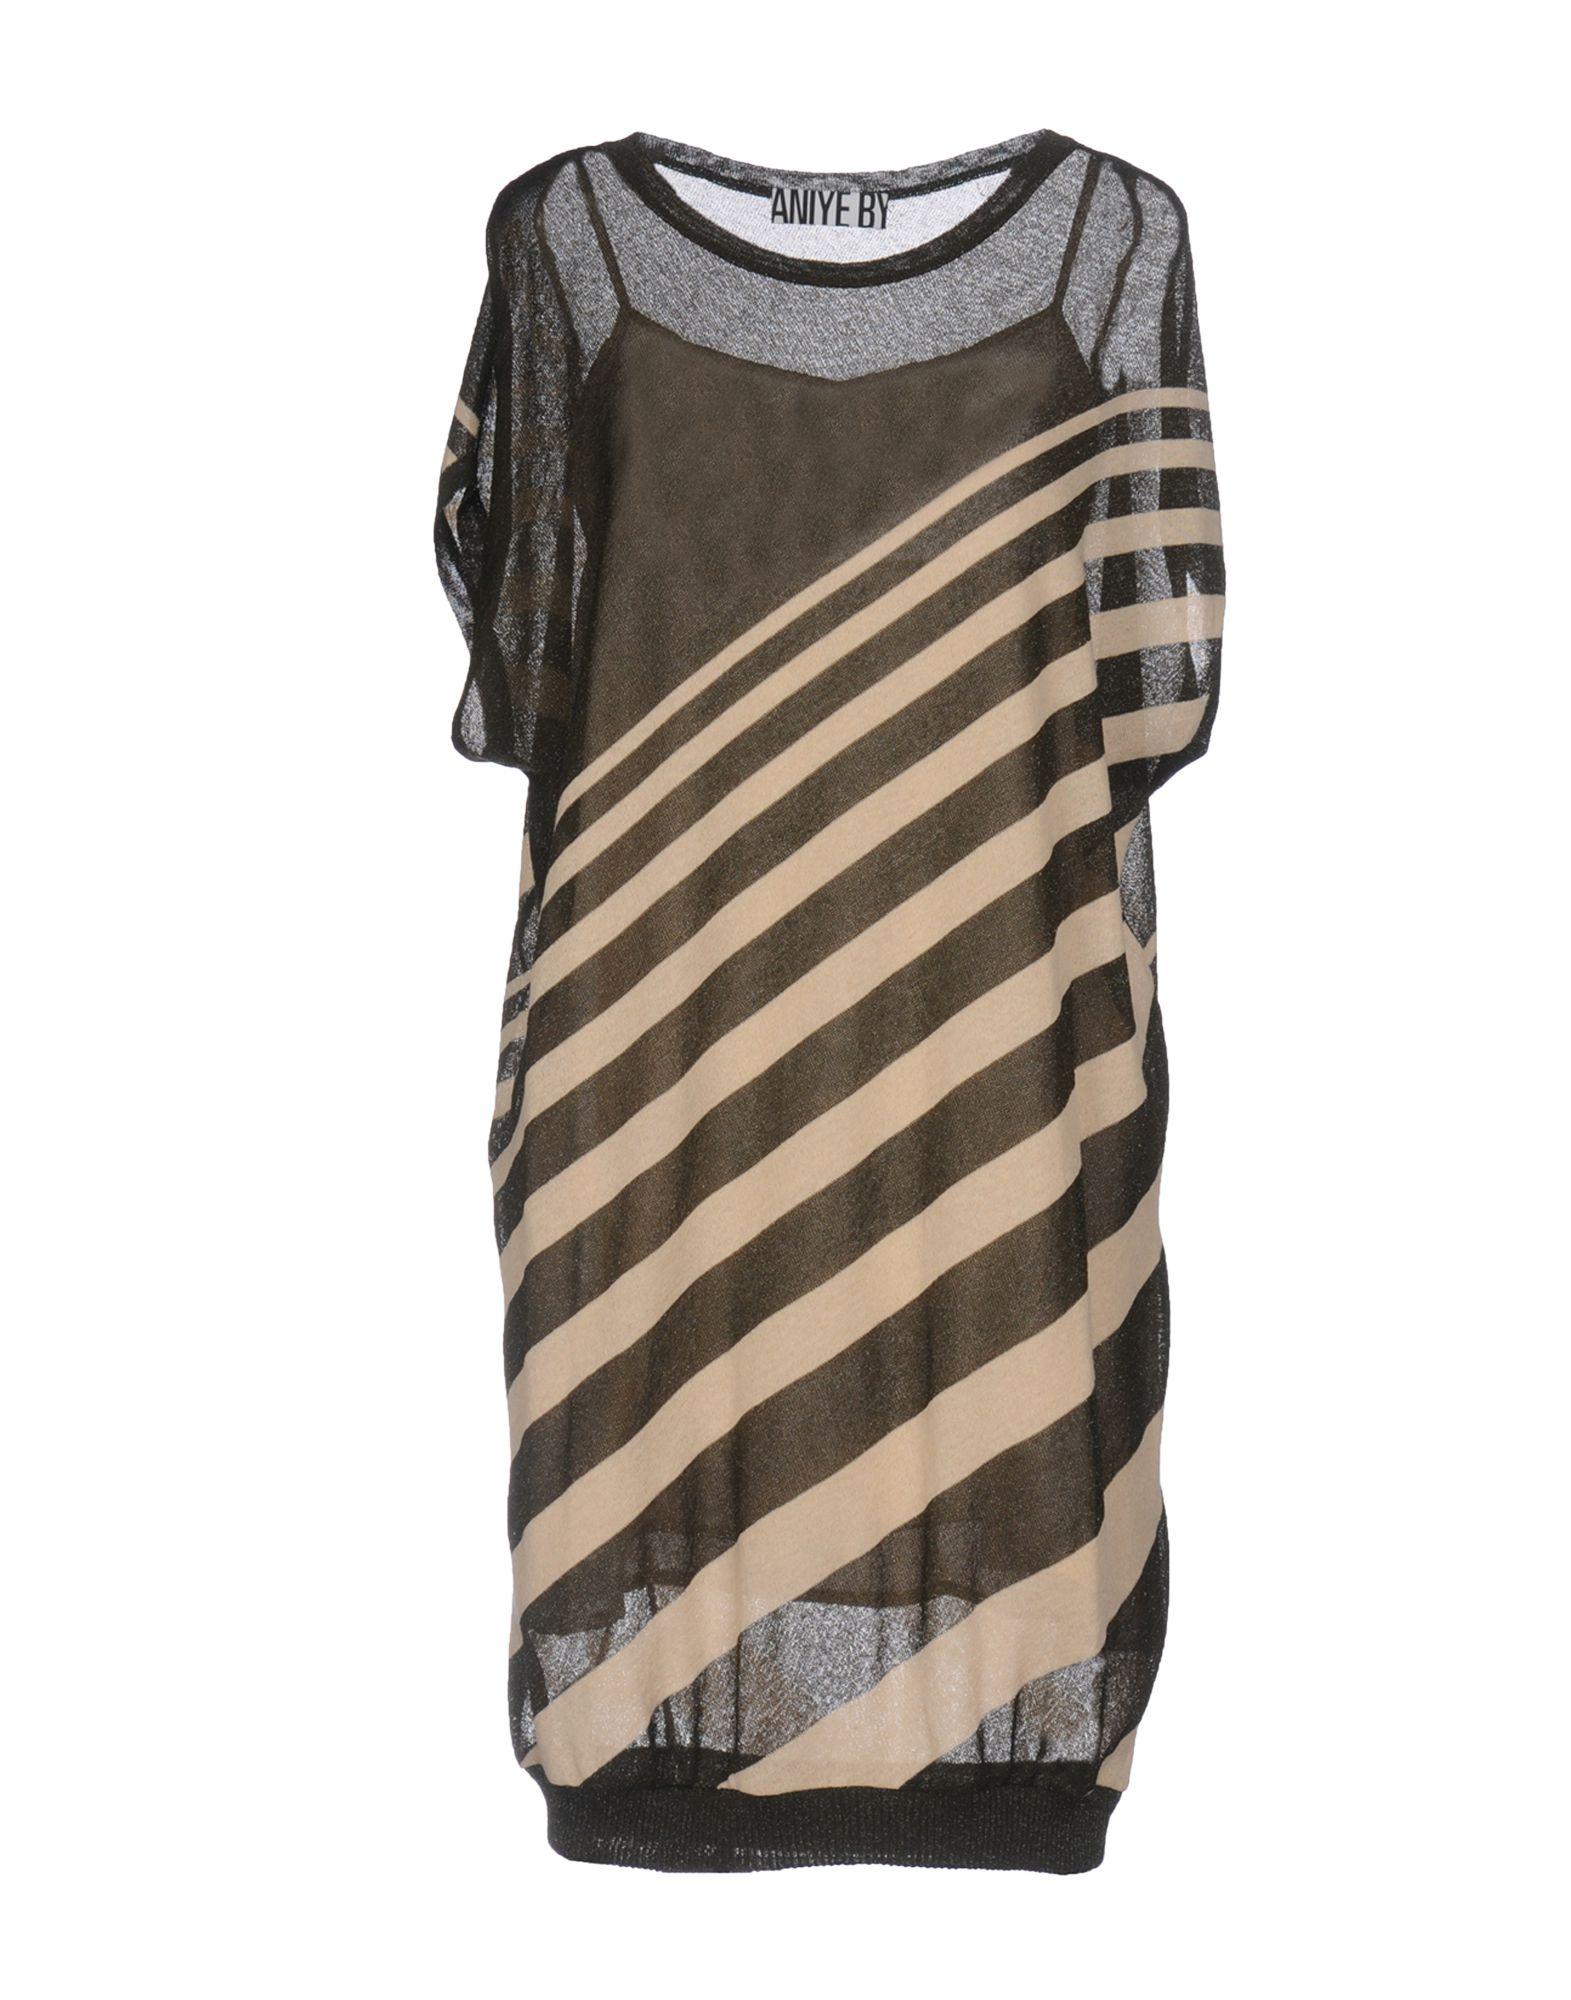 ANIYE BY Damen Kurzes Kleid Farbe Militärgrün Größe 4